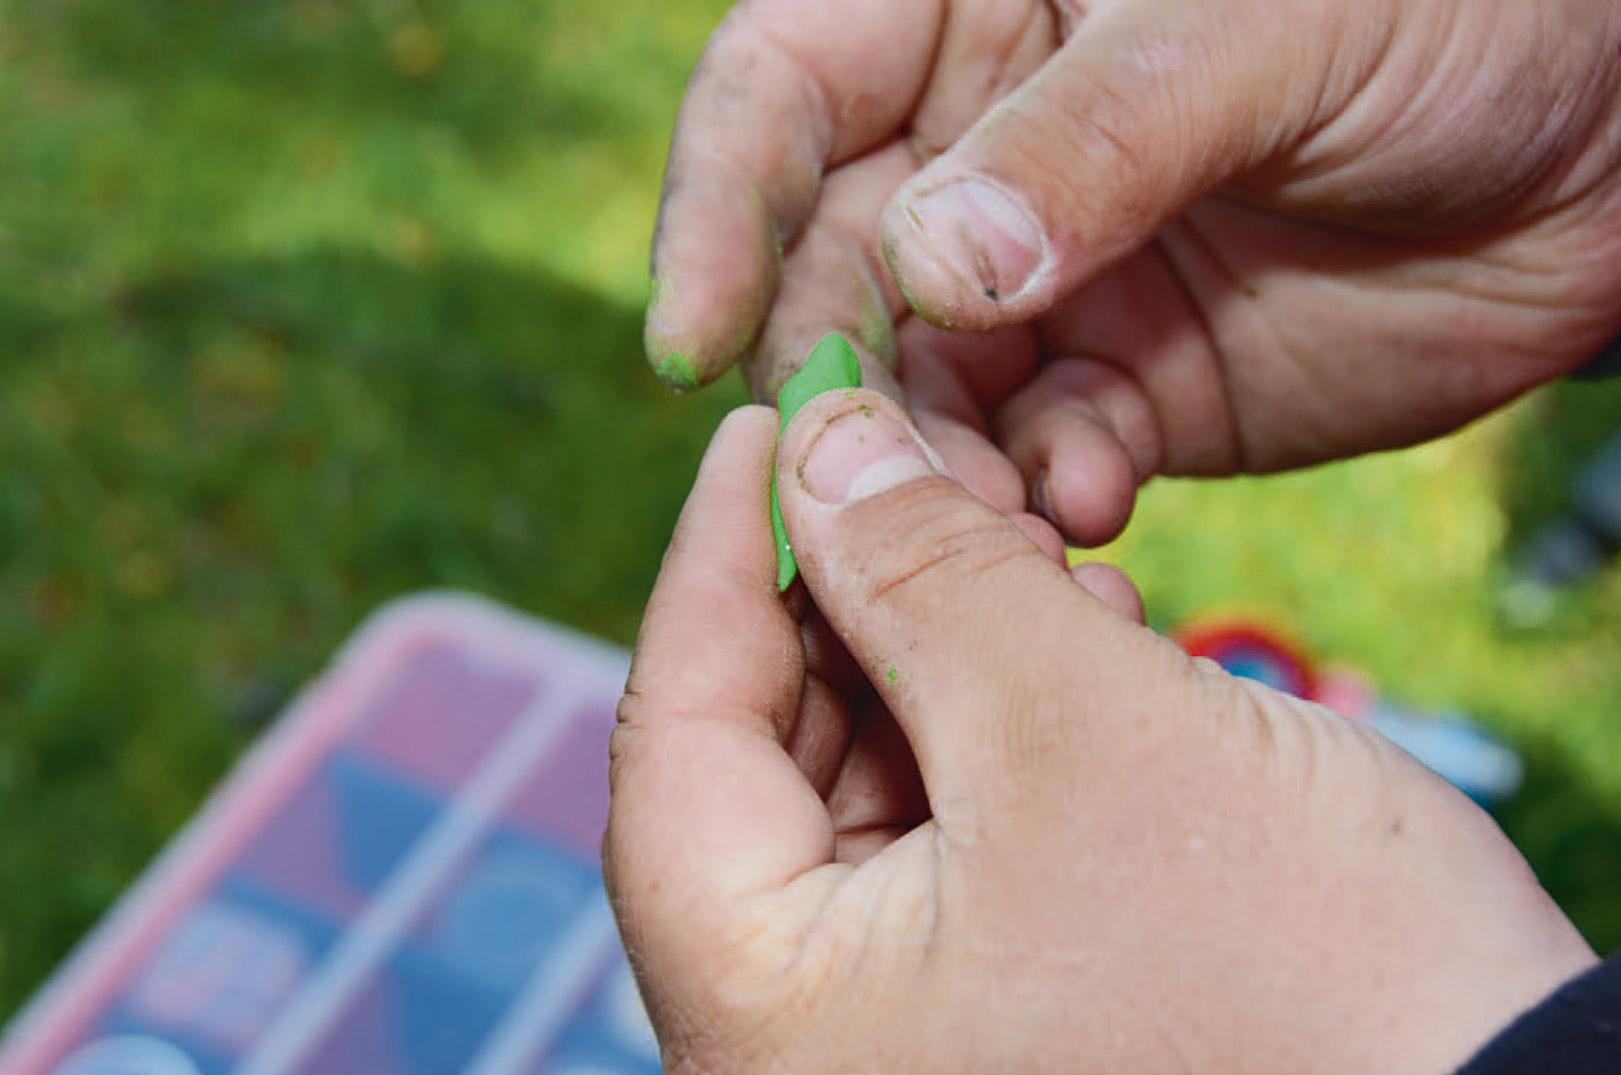 Det ligner magi, men med en lille smule øvelse kan man hurtigt lære at forme sin bait, så den bliver dødelig effektiv.